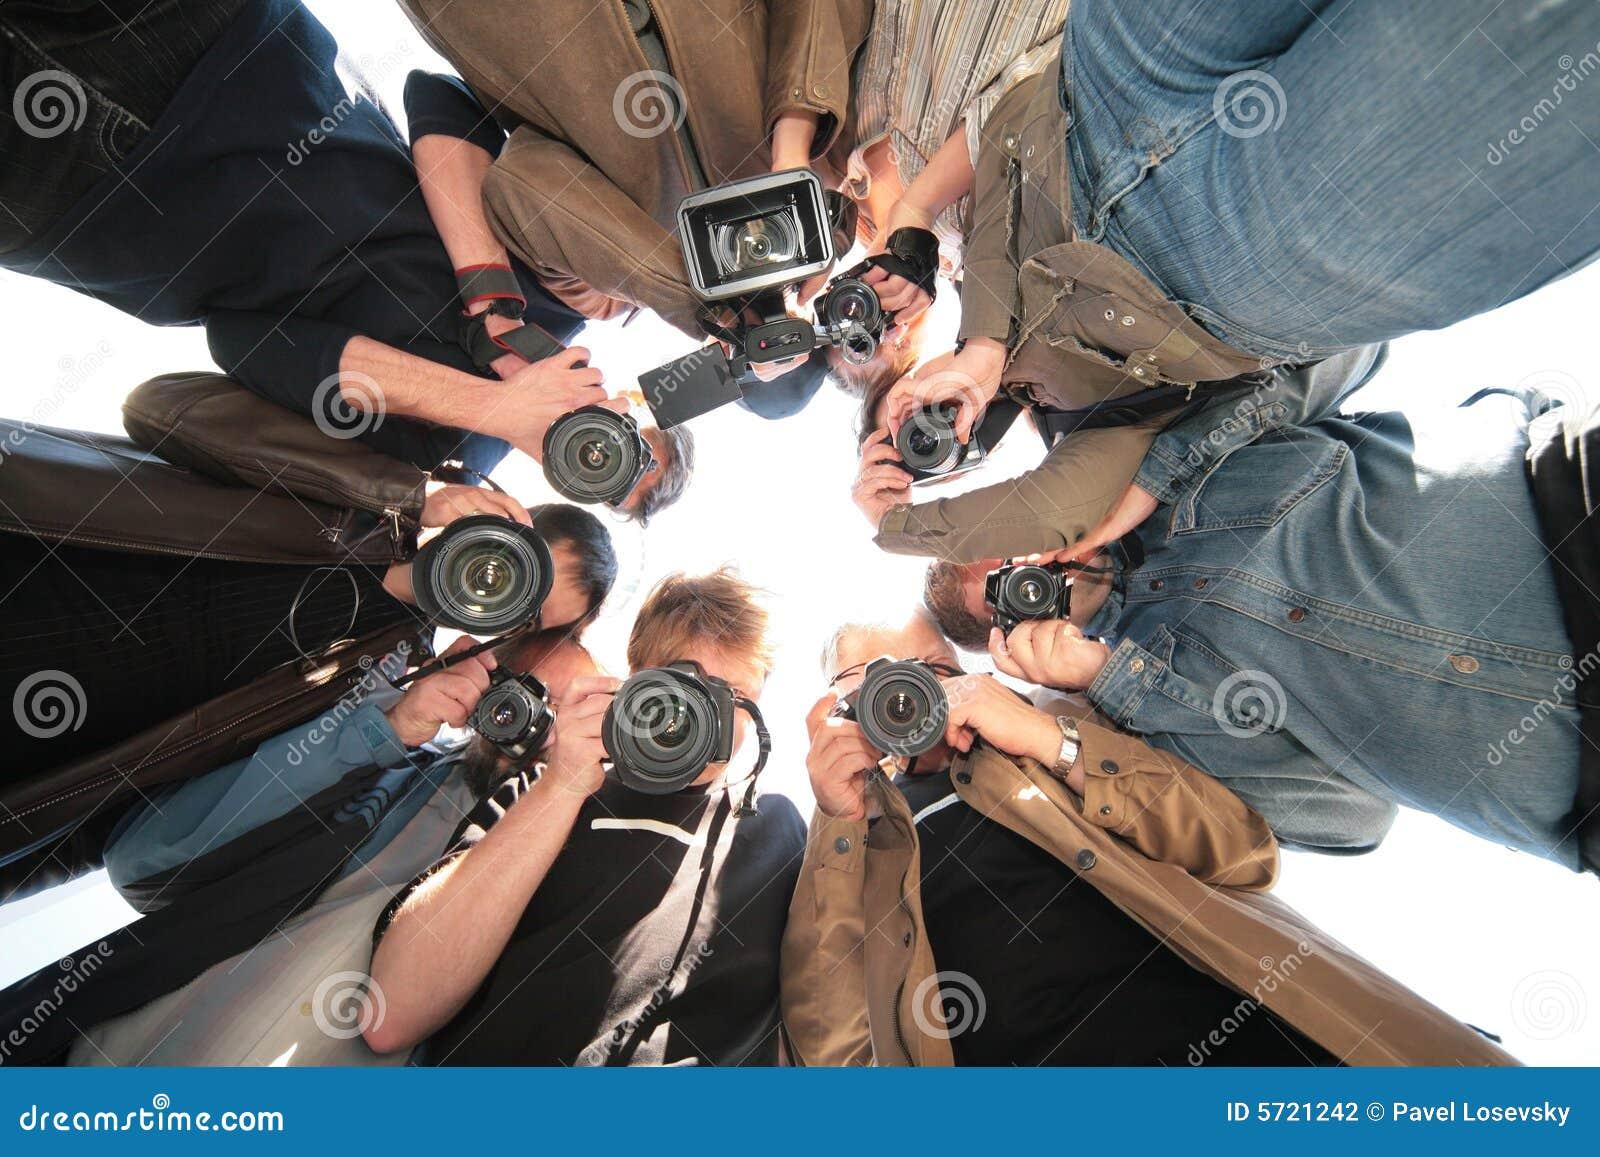 对象无固定职业的摄影师